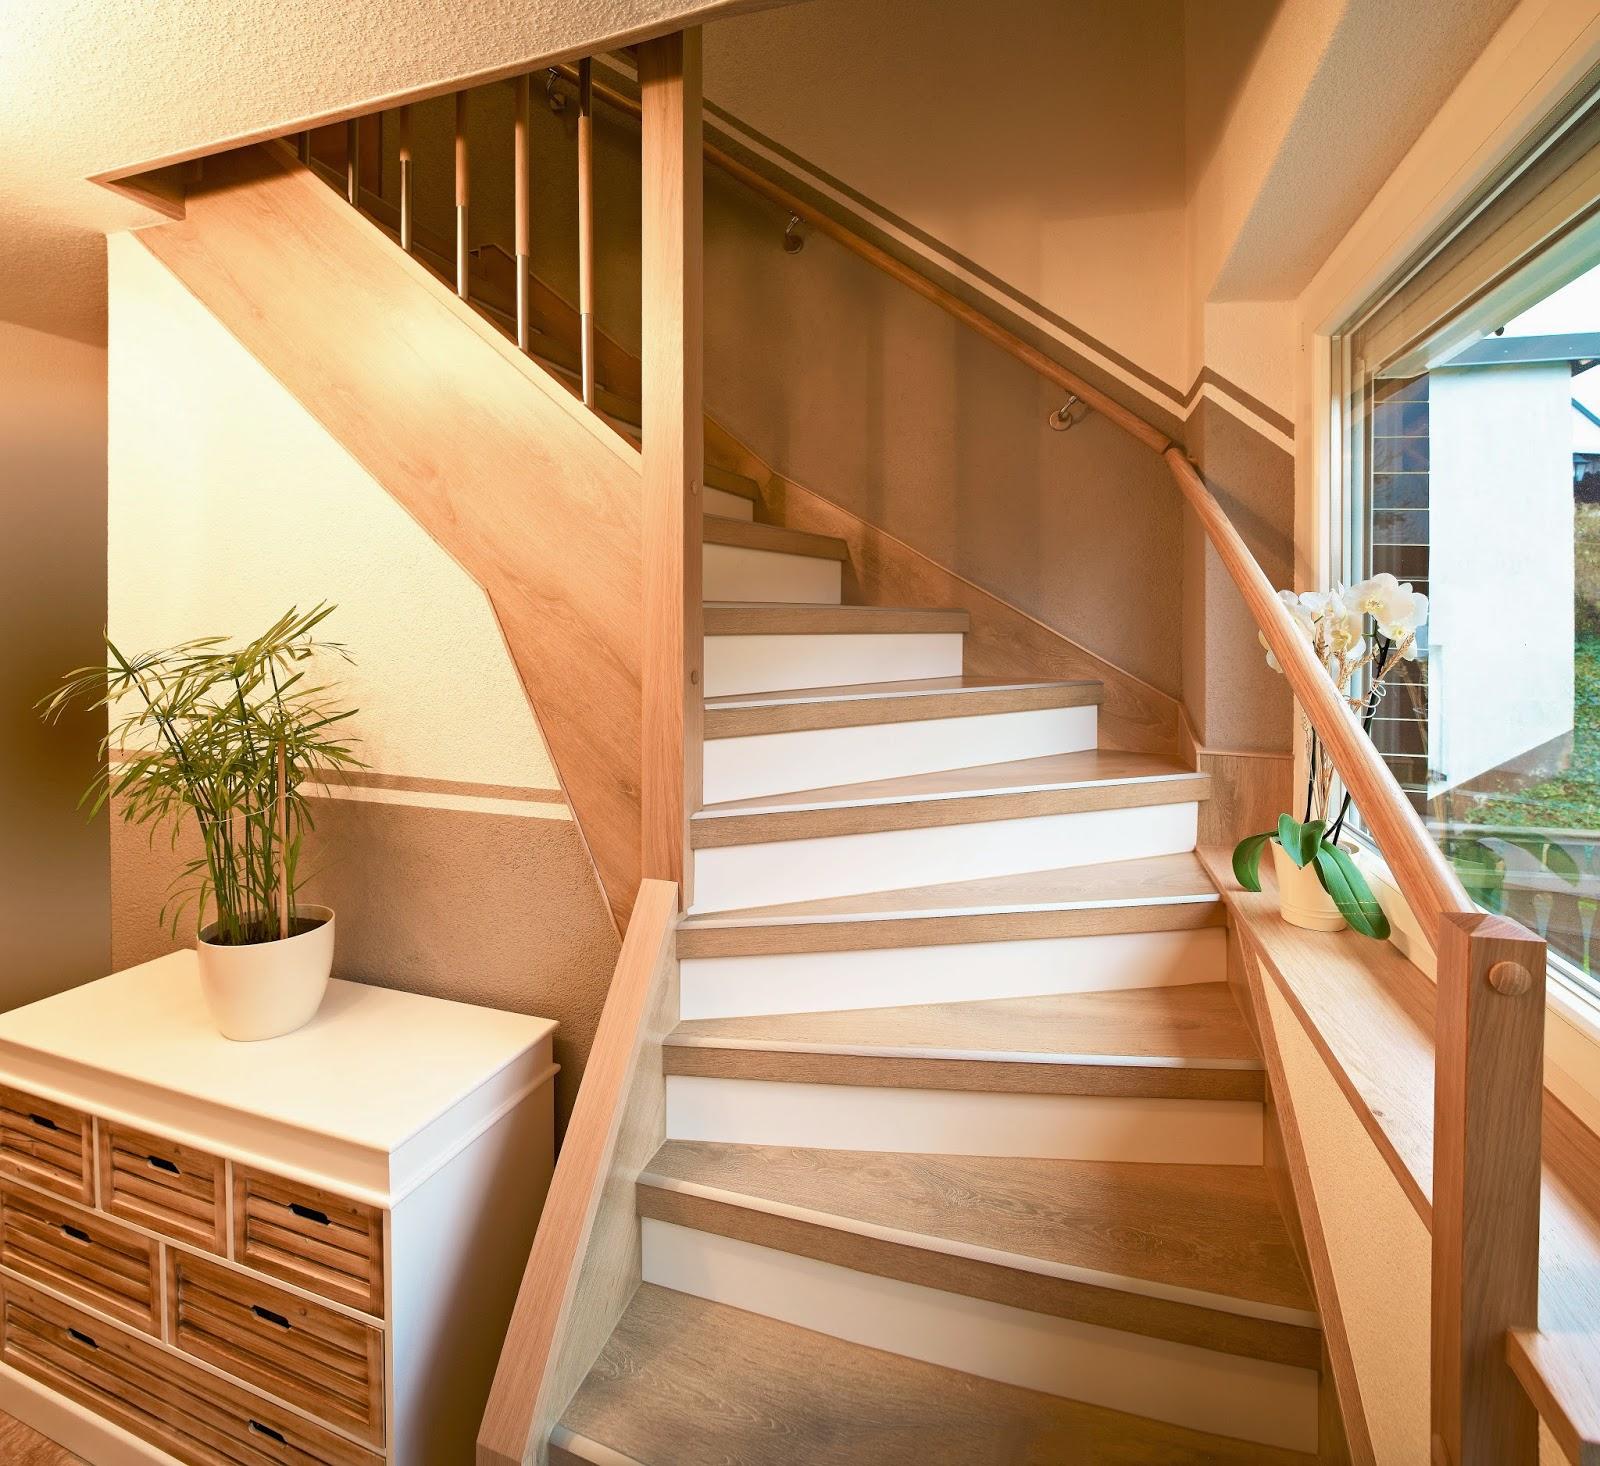 Treppenrenovierung - Treppe im Dekor Kalkeiche / Weiß